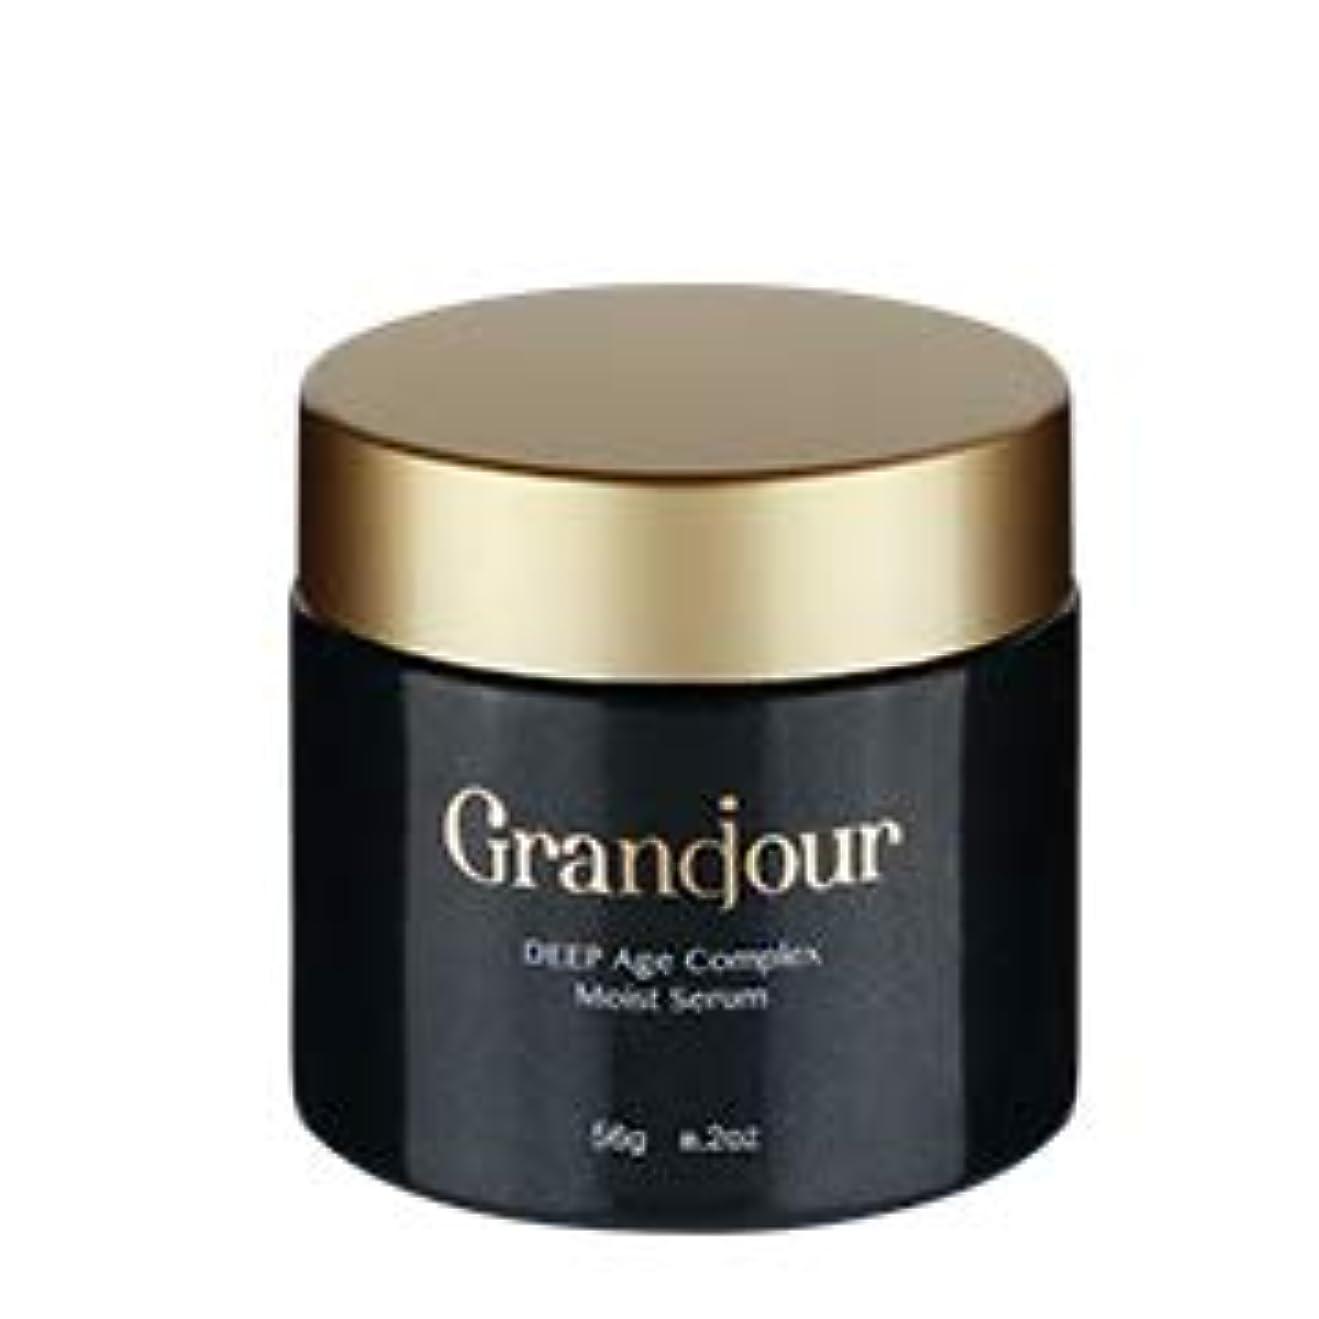 第四ルーチン考慮グランジュールクリーム ~DEEP Age complex Moist Serum~ クリーム 56g Granojour 高級クリーム